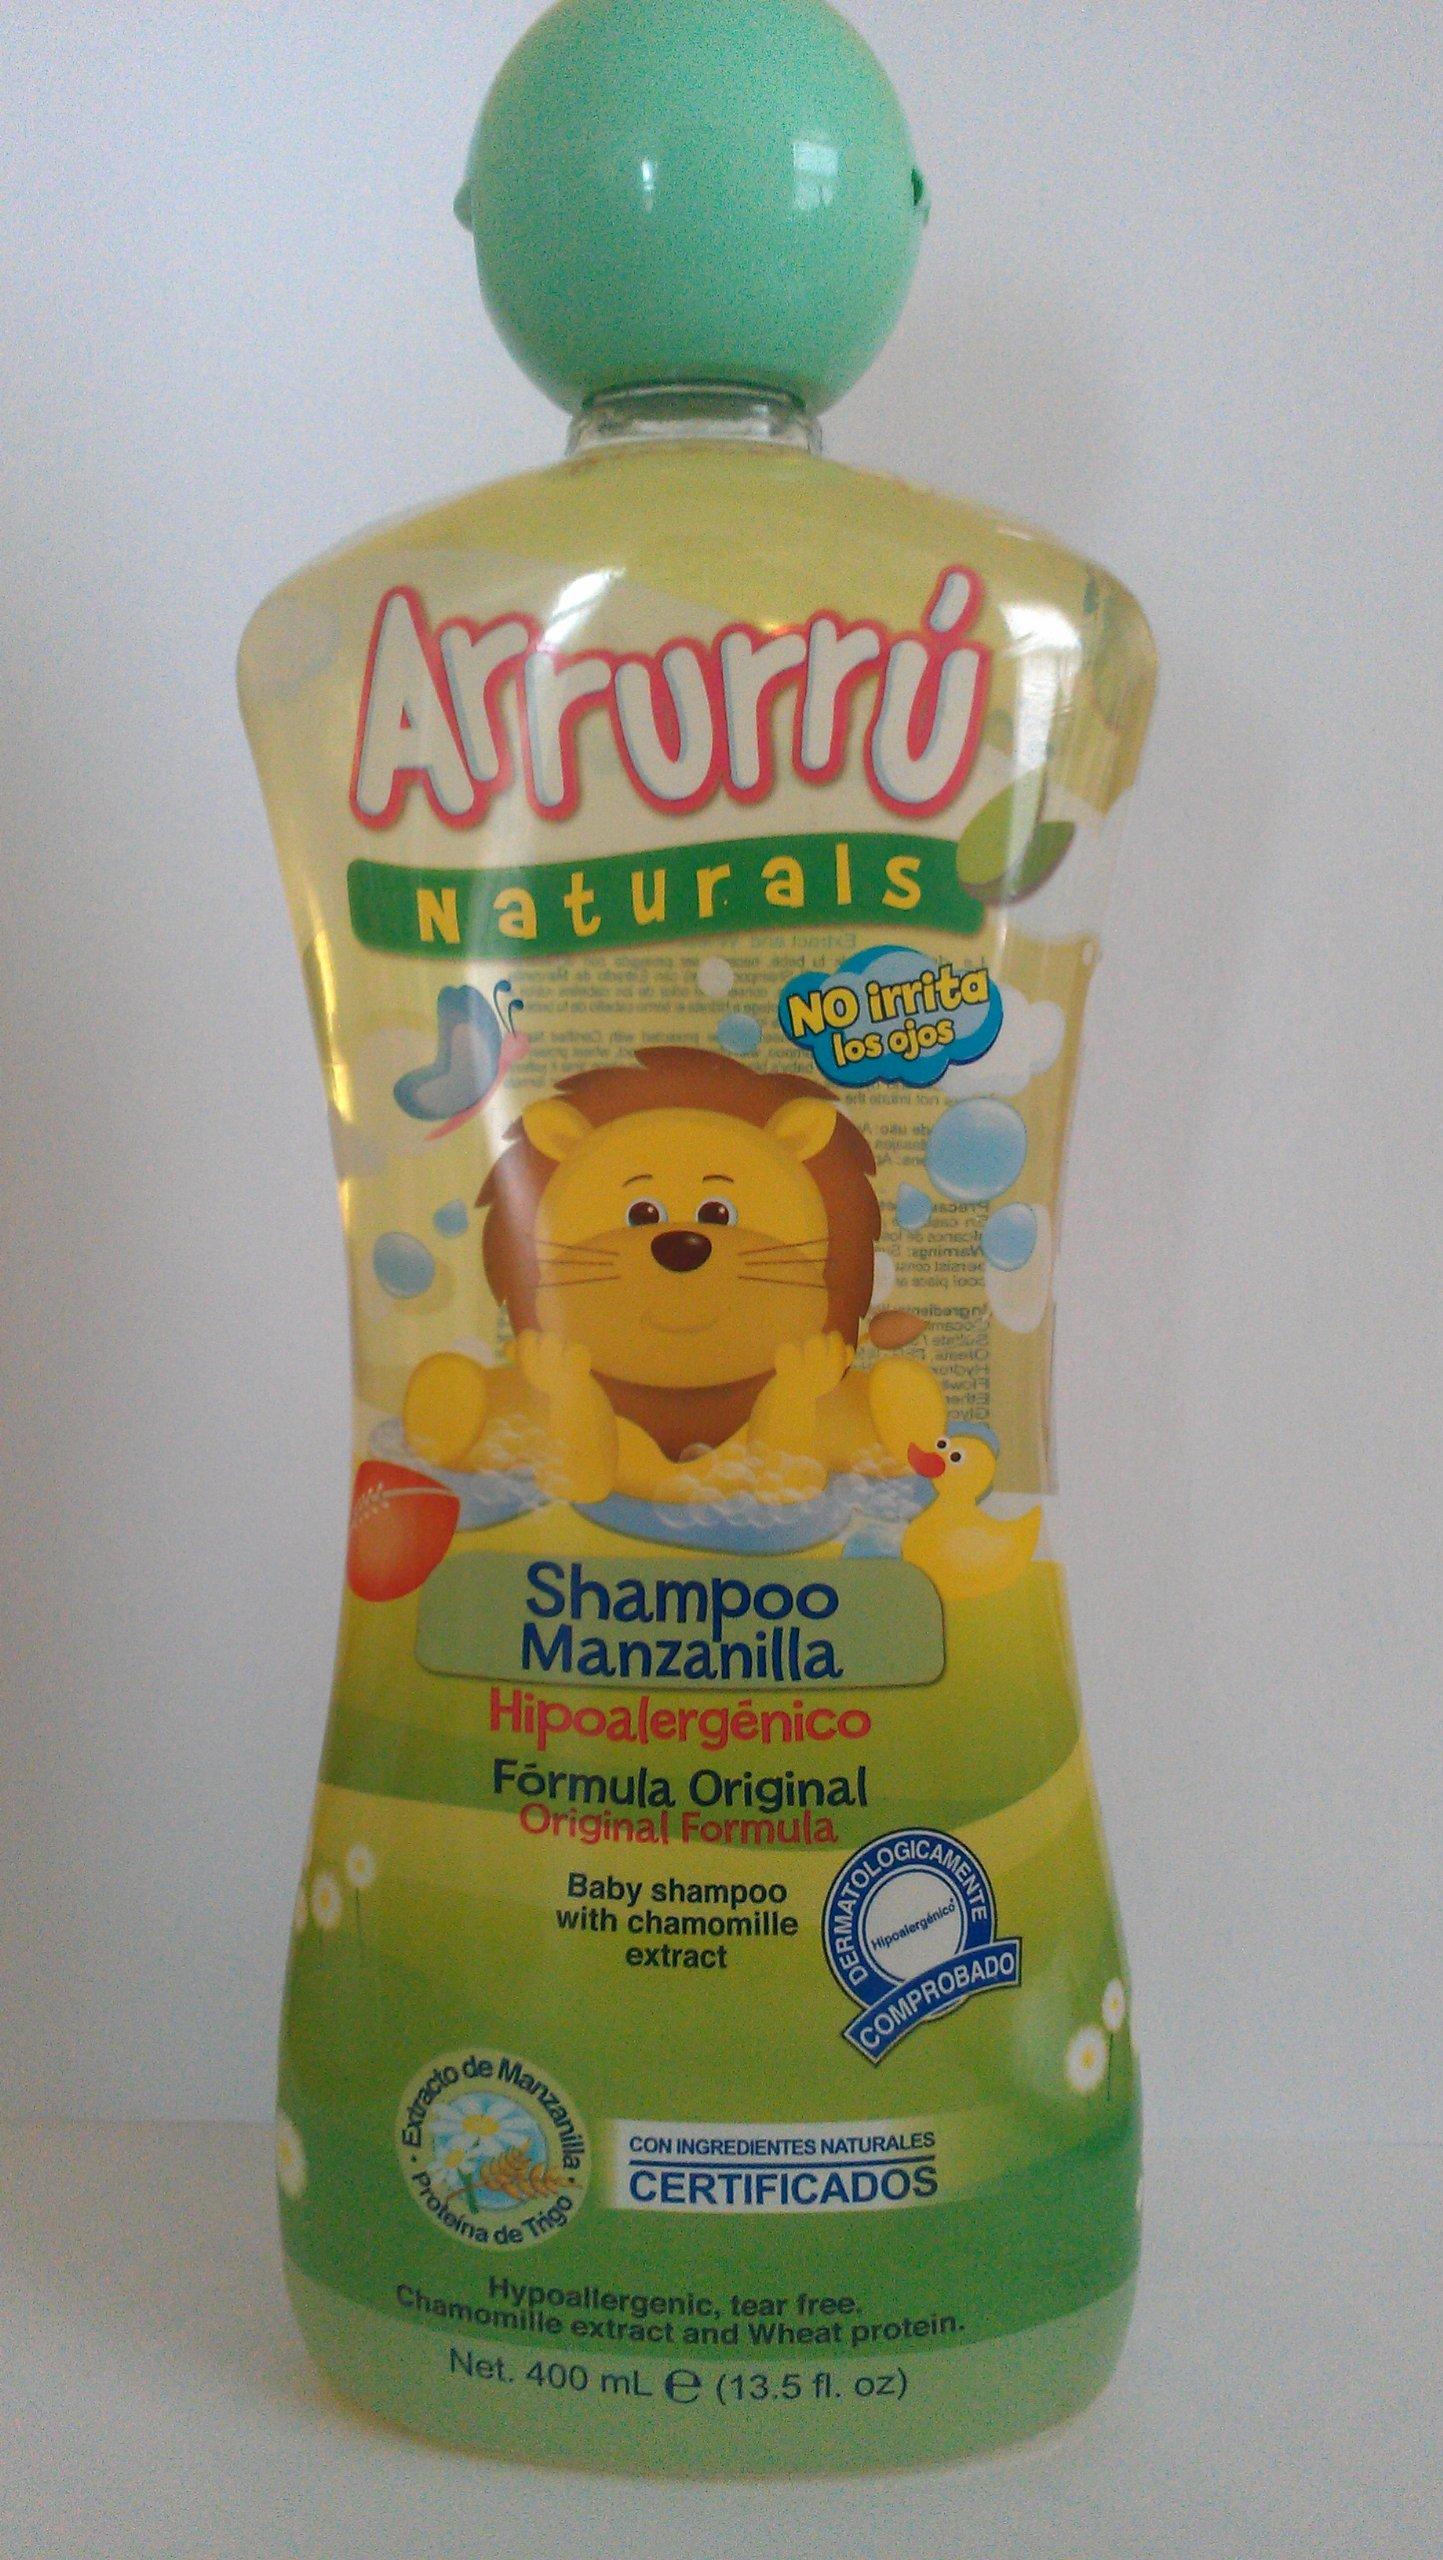 Arrurru Naturals Baby Shampoo with Chamomille Extract~Shampoo Para Bebes Con Extracto De Manzanilla Y